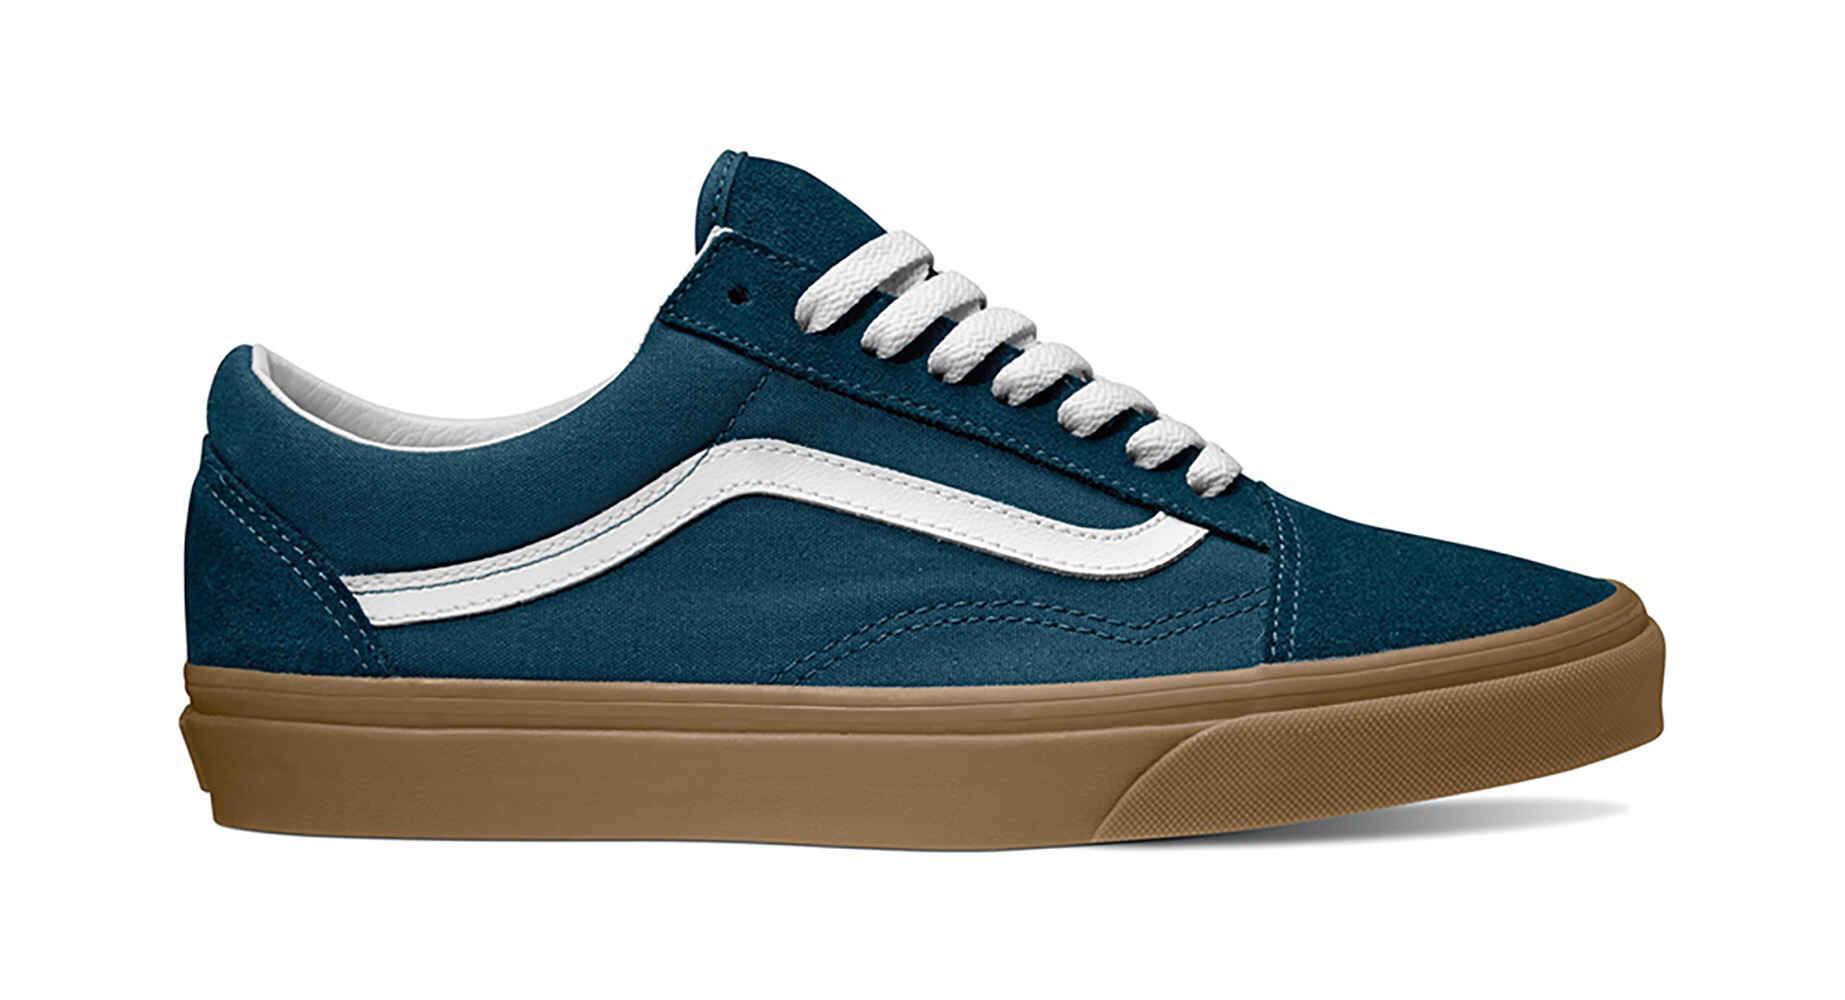 VANS OLD SKOOL SHOE - REFLECTING POND BLUE  GUM - Footwear-Shoes   Sequence  Surf Shop - VANS W18 7569a28d3